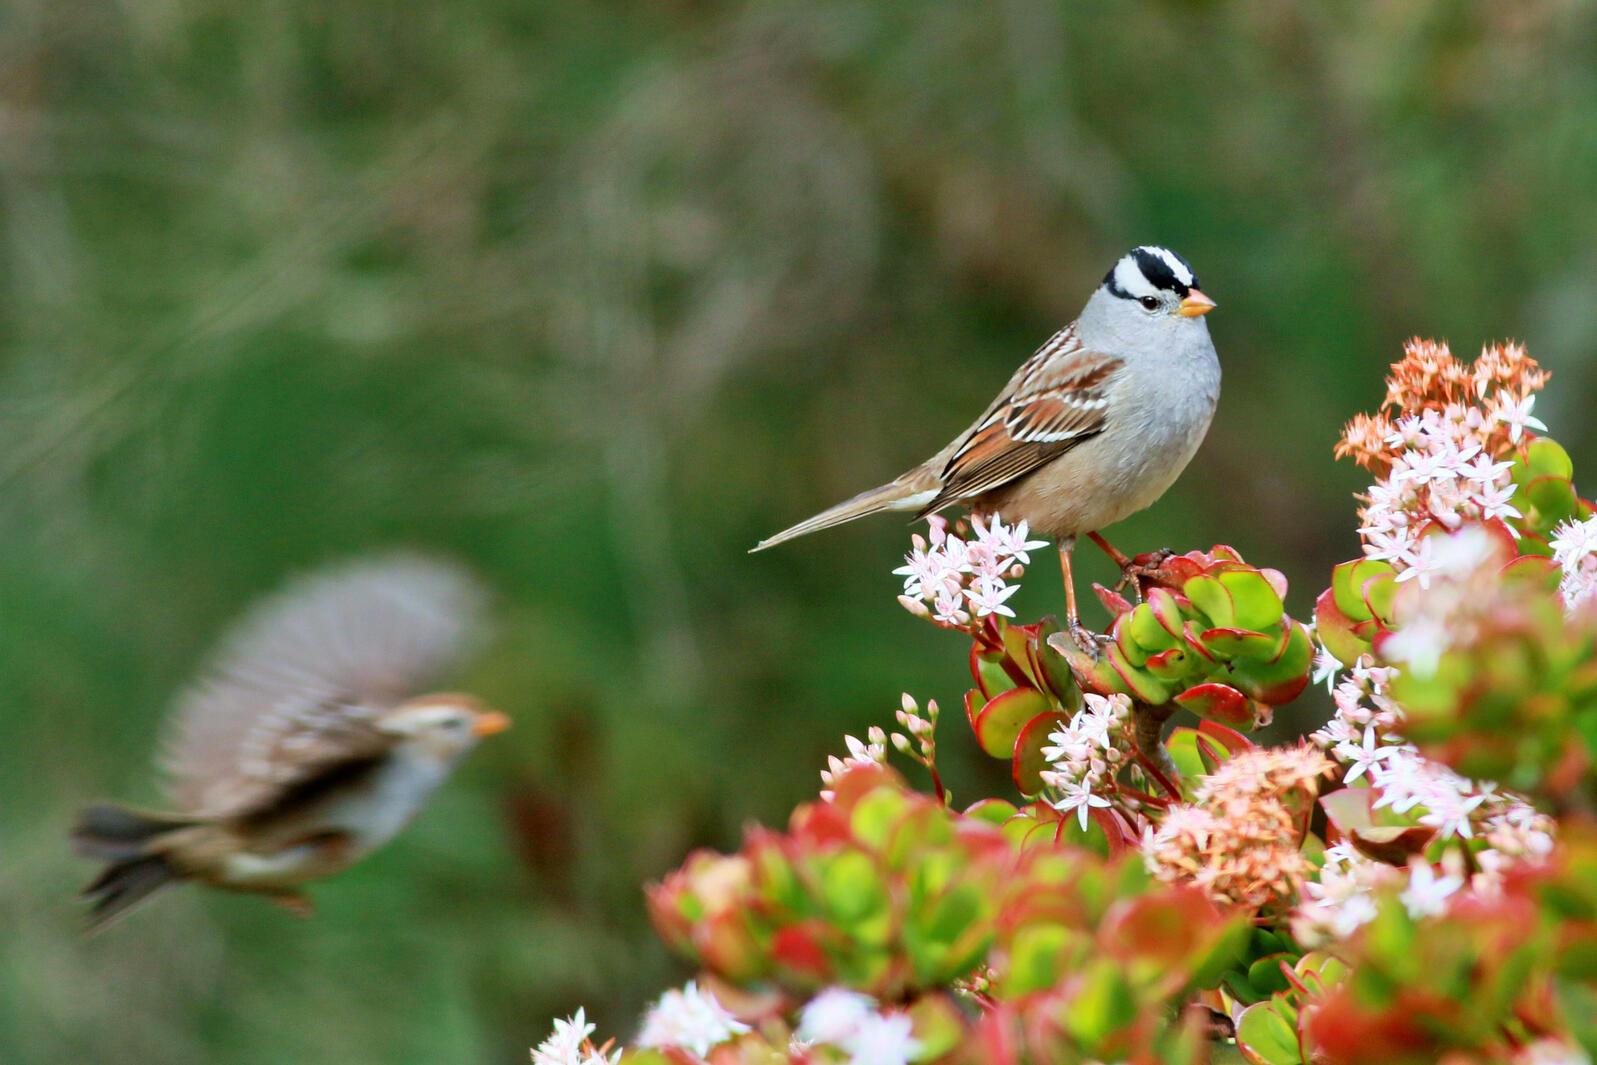 White-crowned Sparrows. White-crowned Sparrows. Terry Rodgers/Audubon Photography Awards